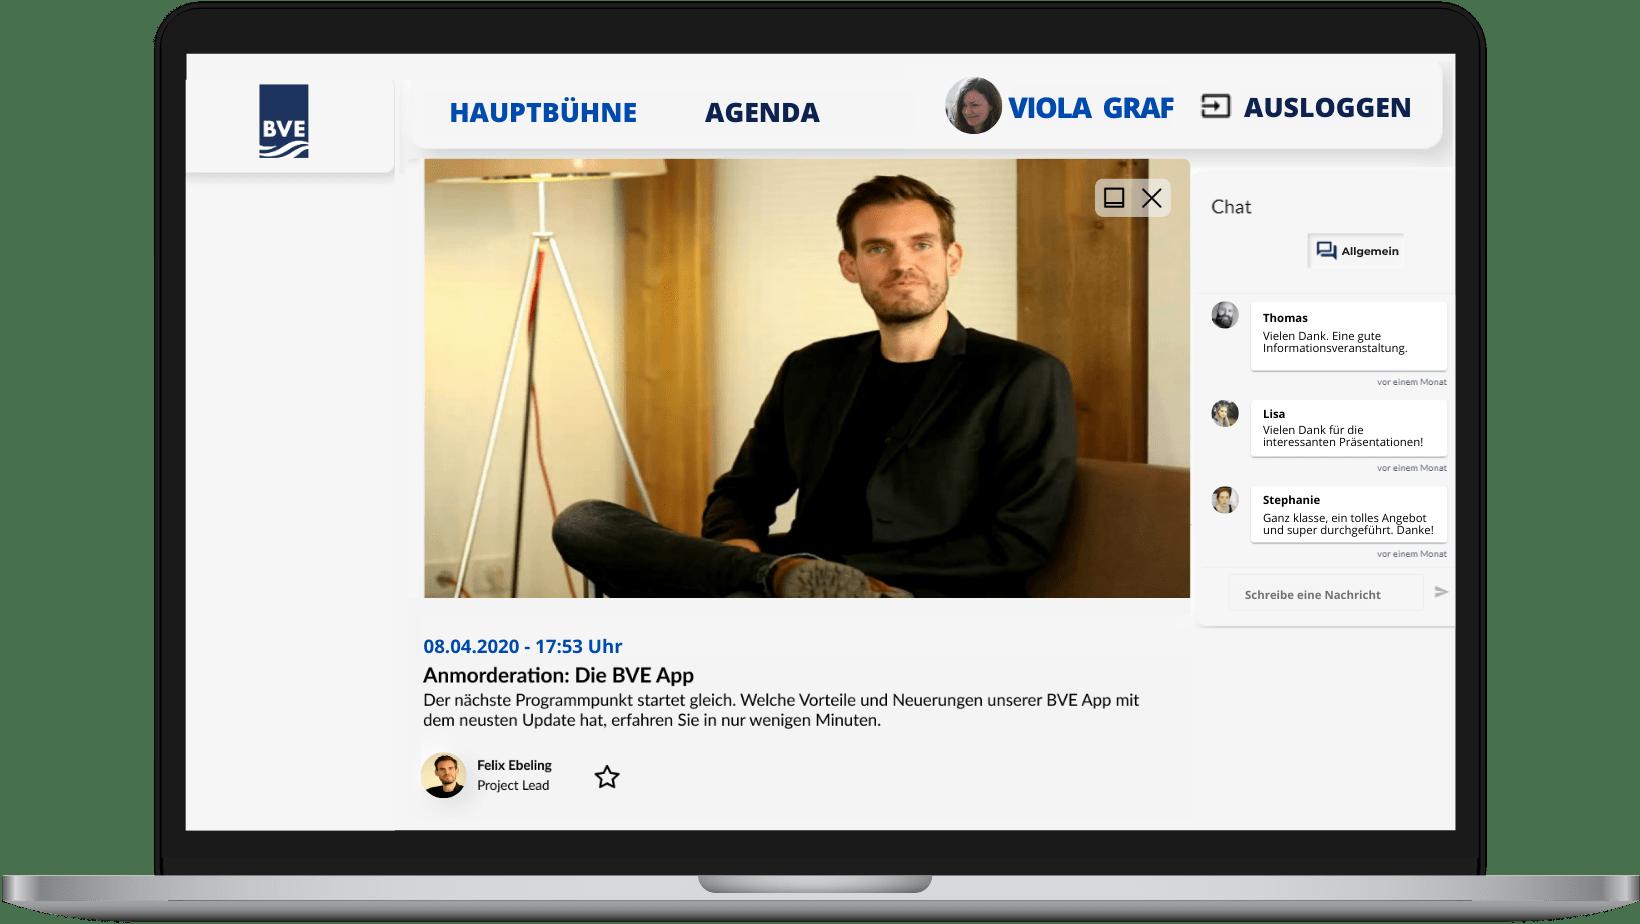 BVE_Mitgliederversammlung Screenshot